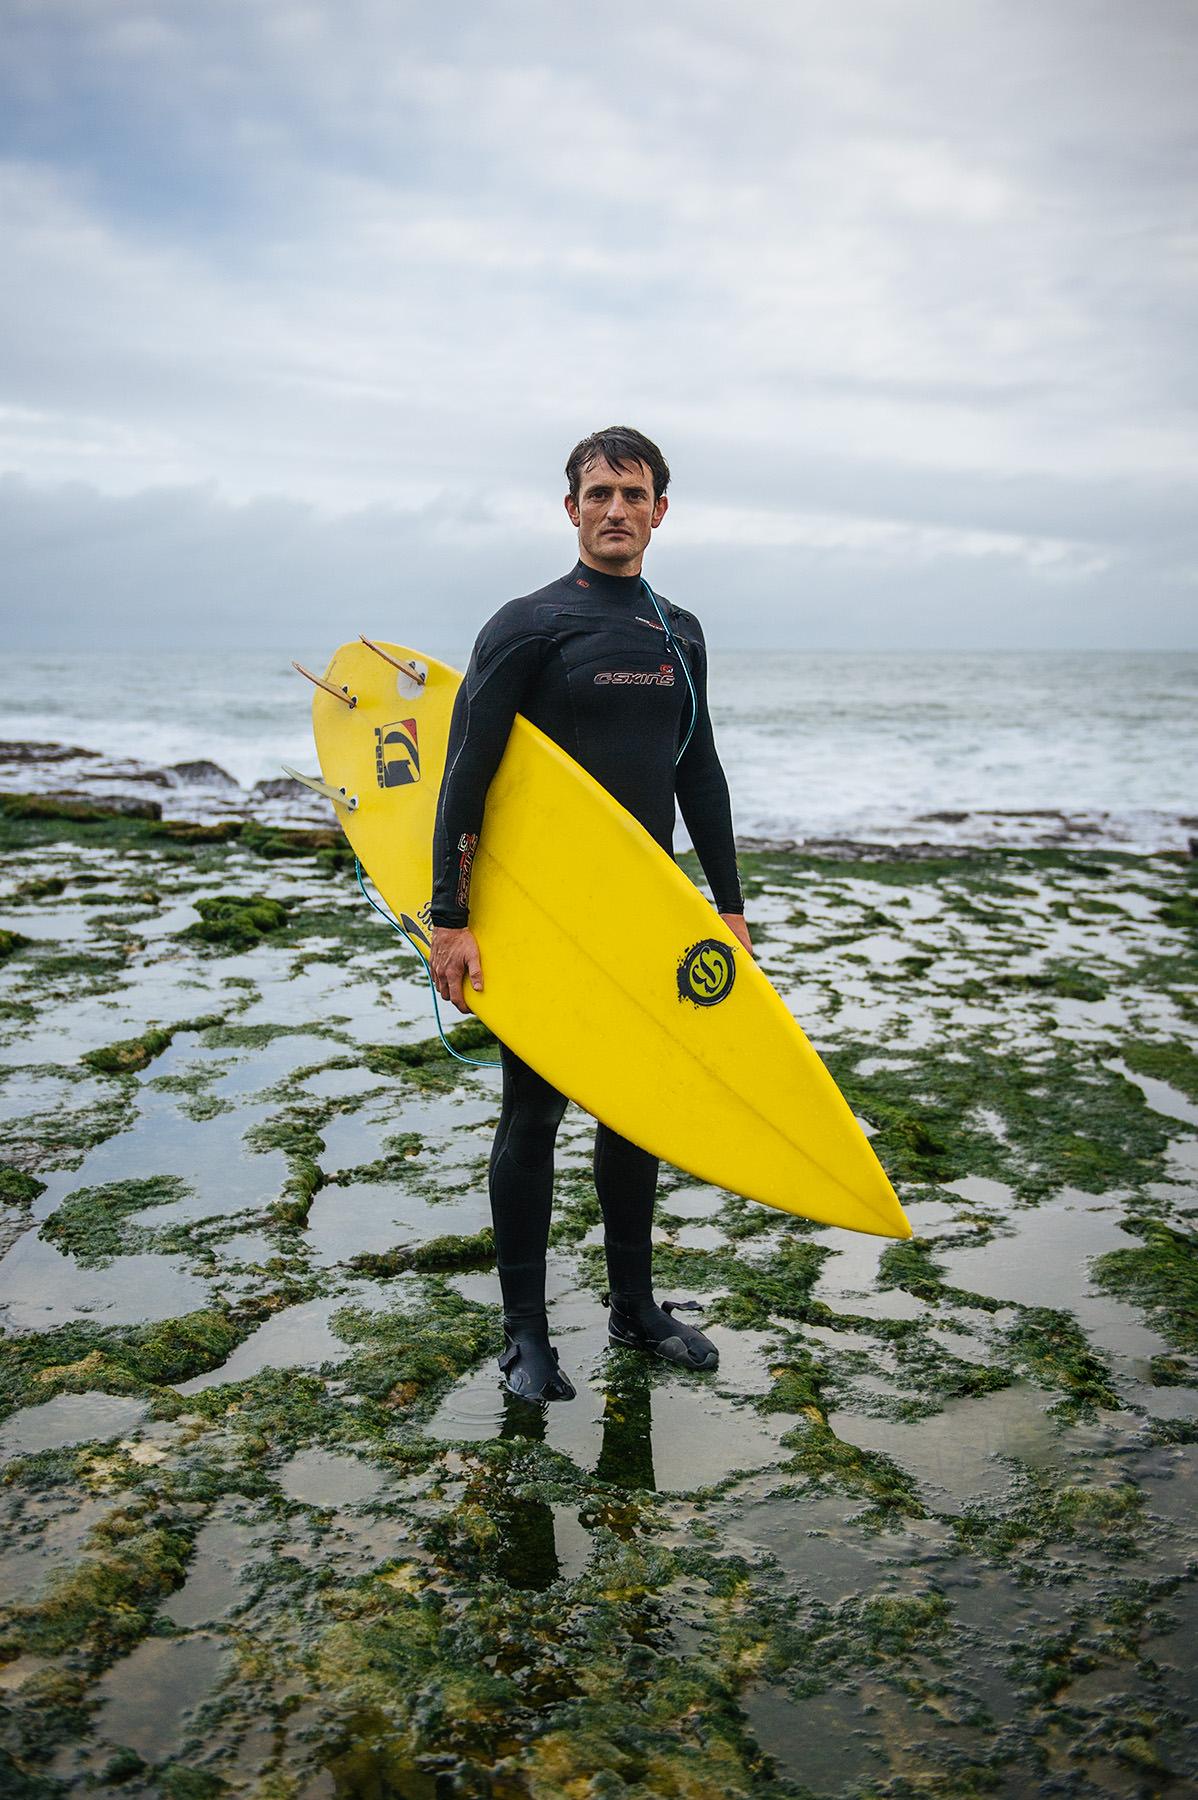 winter-surfing-ireland-sport-adventure-13.jpg